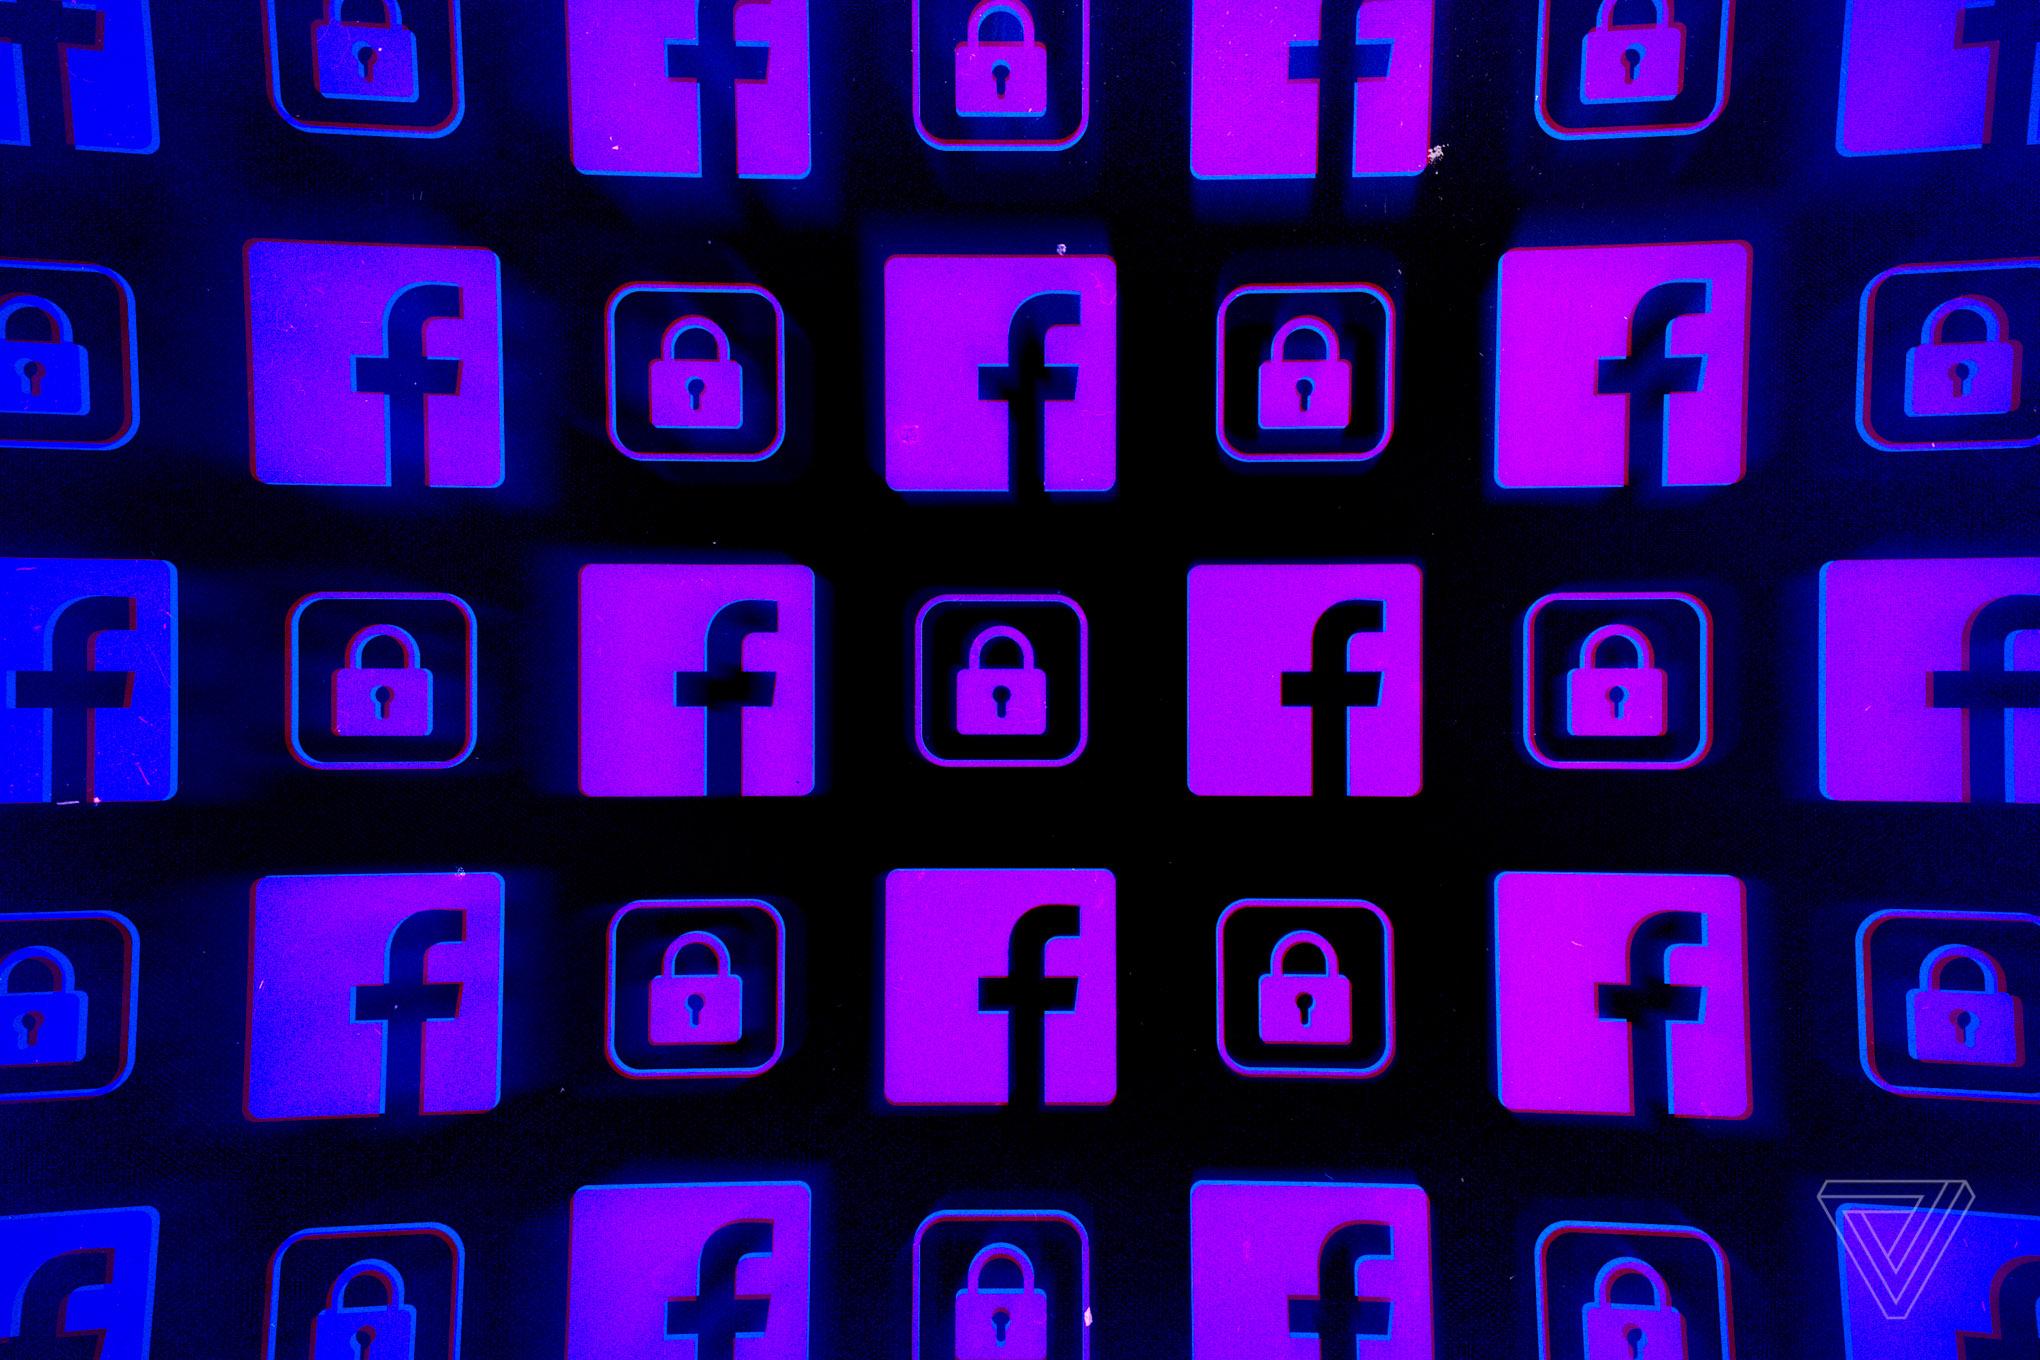 Facebook yêu cầu Clearview dừng sử dụng hình ảnh của họ cho chương trình nhận dạng mặt gây tranh cãi   Ngoài Facebook, Twitter và YouTube cũng đã đưa ra các tuyên bố phản đối tương tự.  Facebook đã